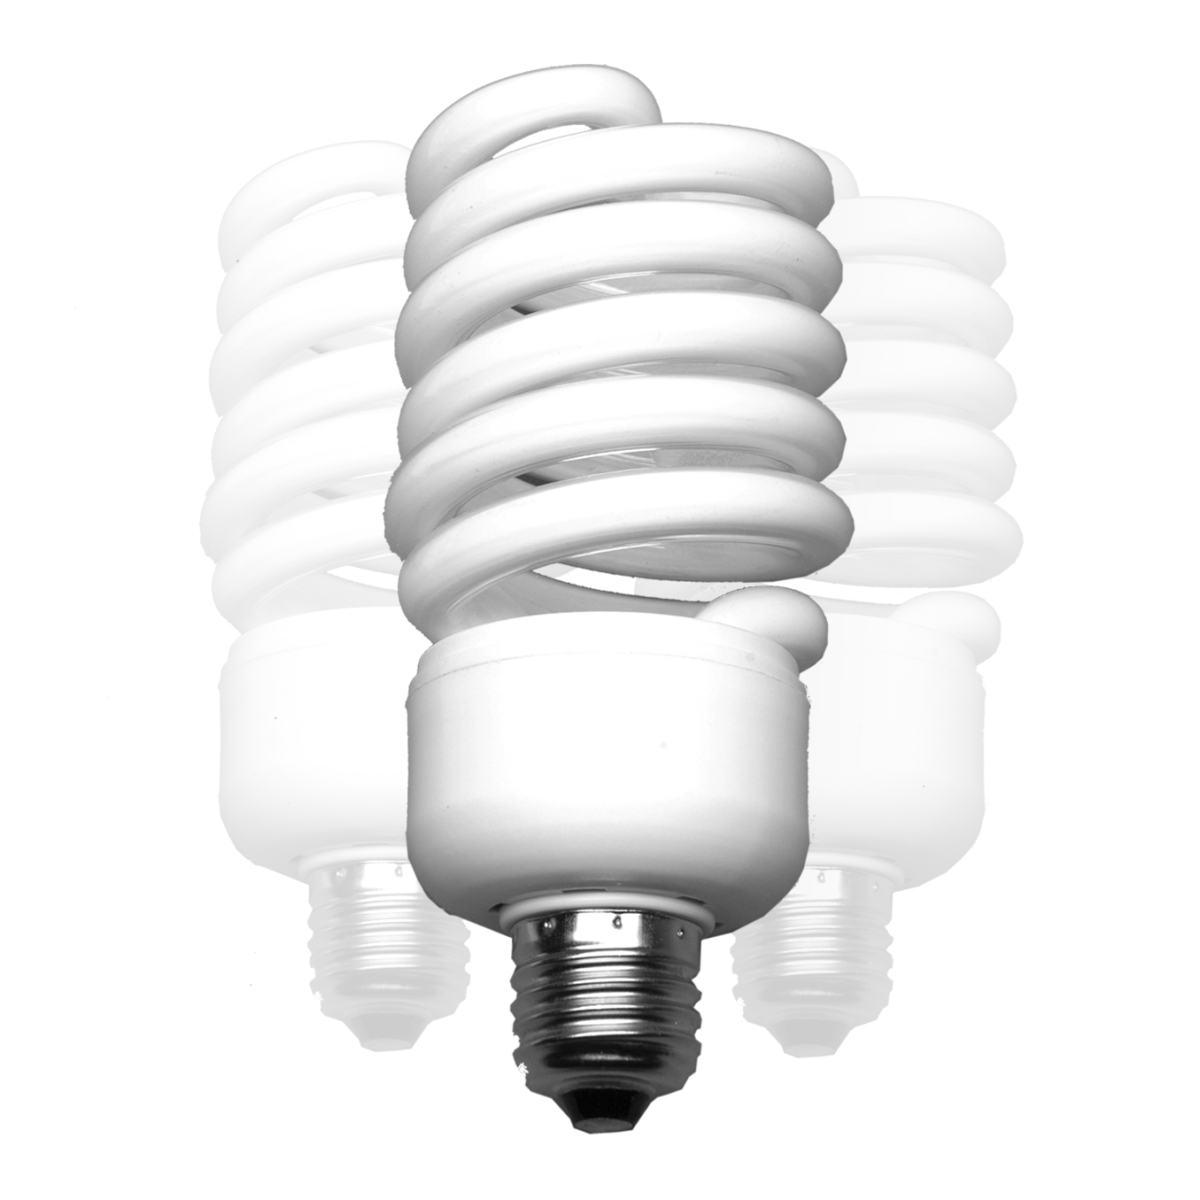 Walimex Daylight Spiral Lamp 50W, 3 pcs.